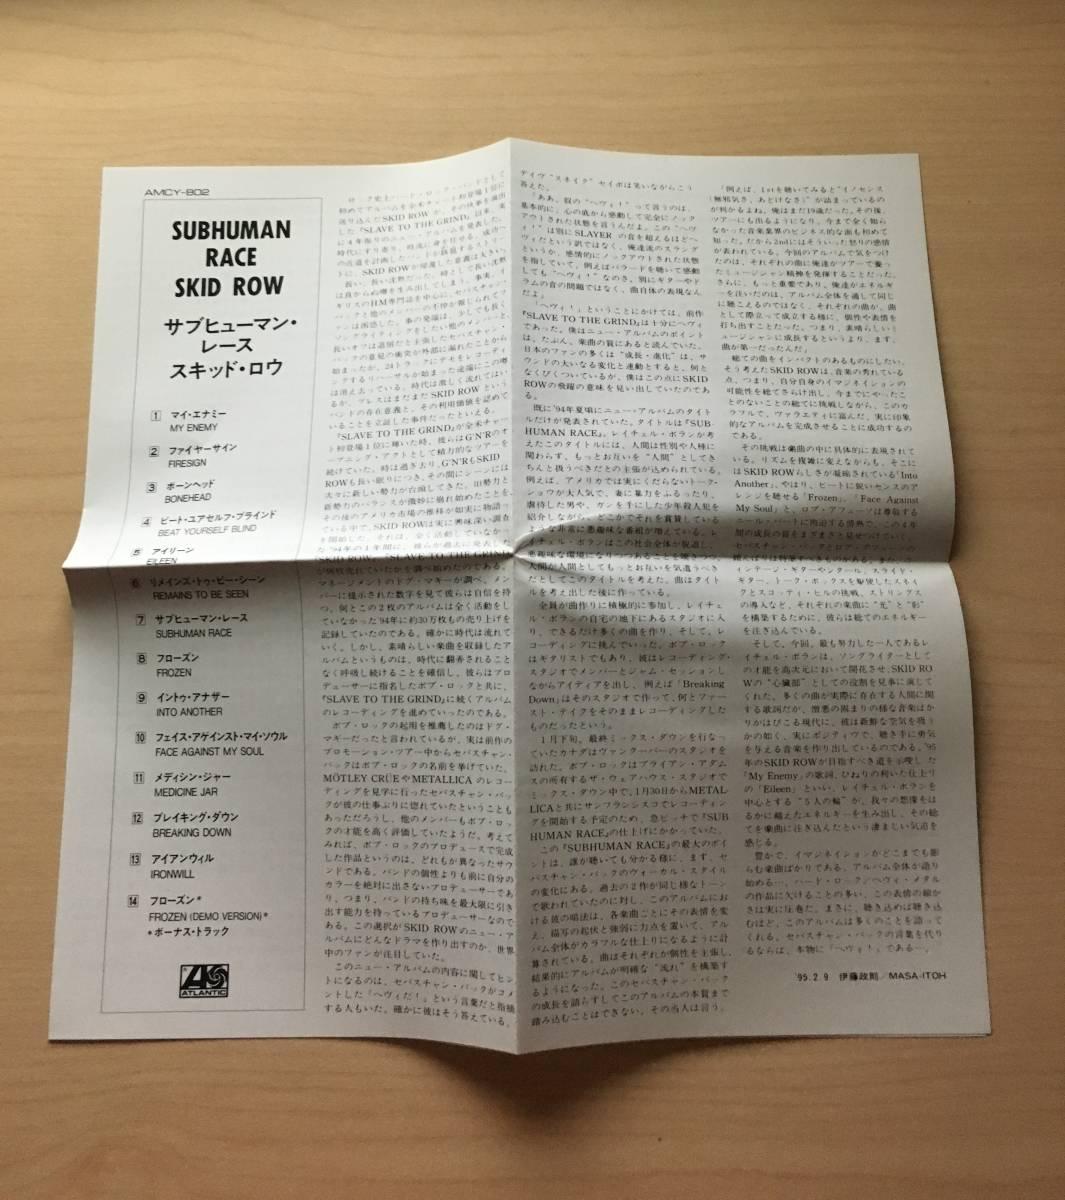 スキッド・ロウ SKID ROW  サブヒューマン・レース 初回限定 日本盤 デジパック仕様 帯付 新品同様_画像8